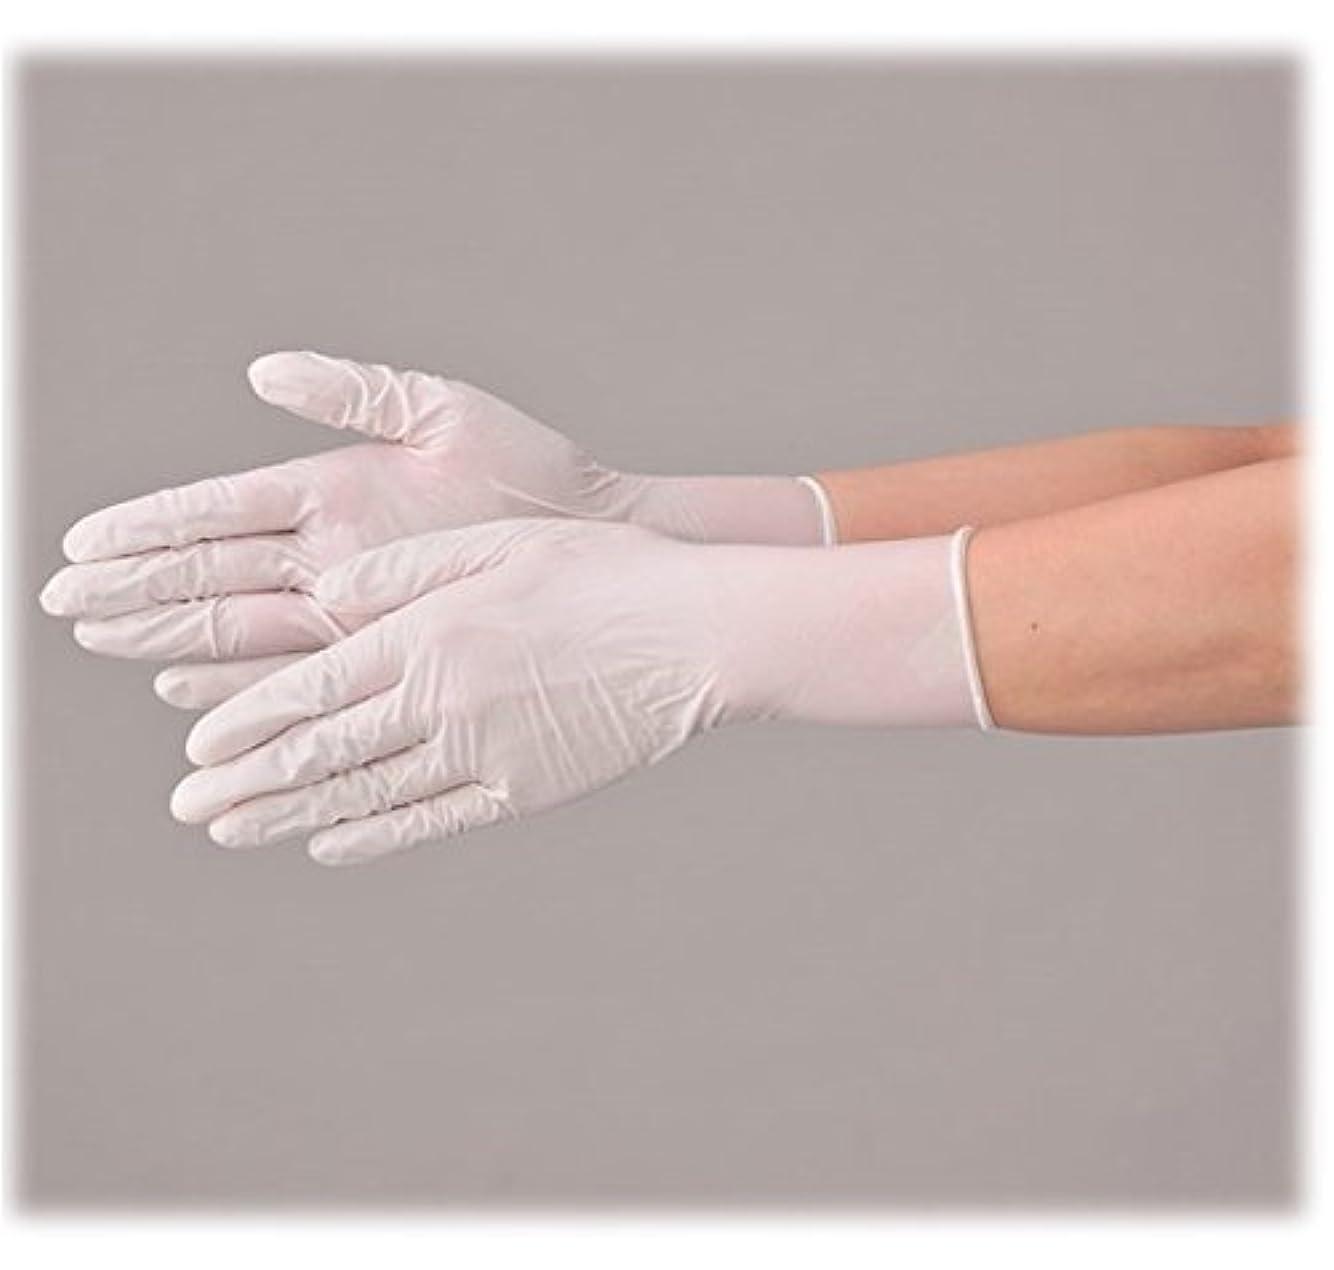 火山学ゴールデンくるみ使い捨て 手袋 エブノ 520 ニトリル 極薄手袋 パウダーフリー ホワイト Mサイズ 2ケース(100枚×40箱)